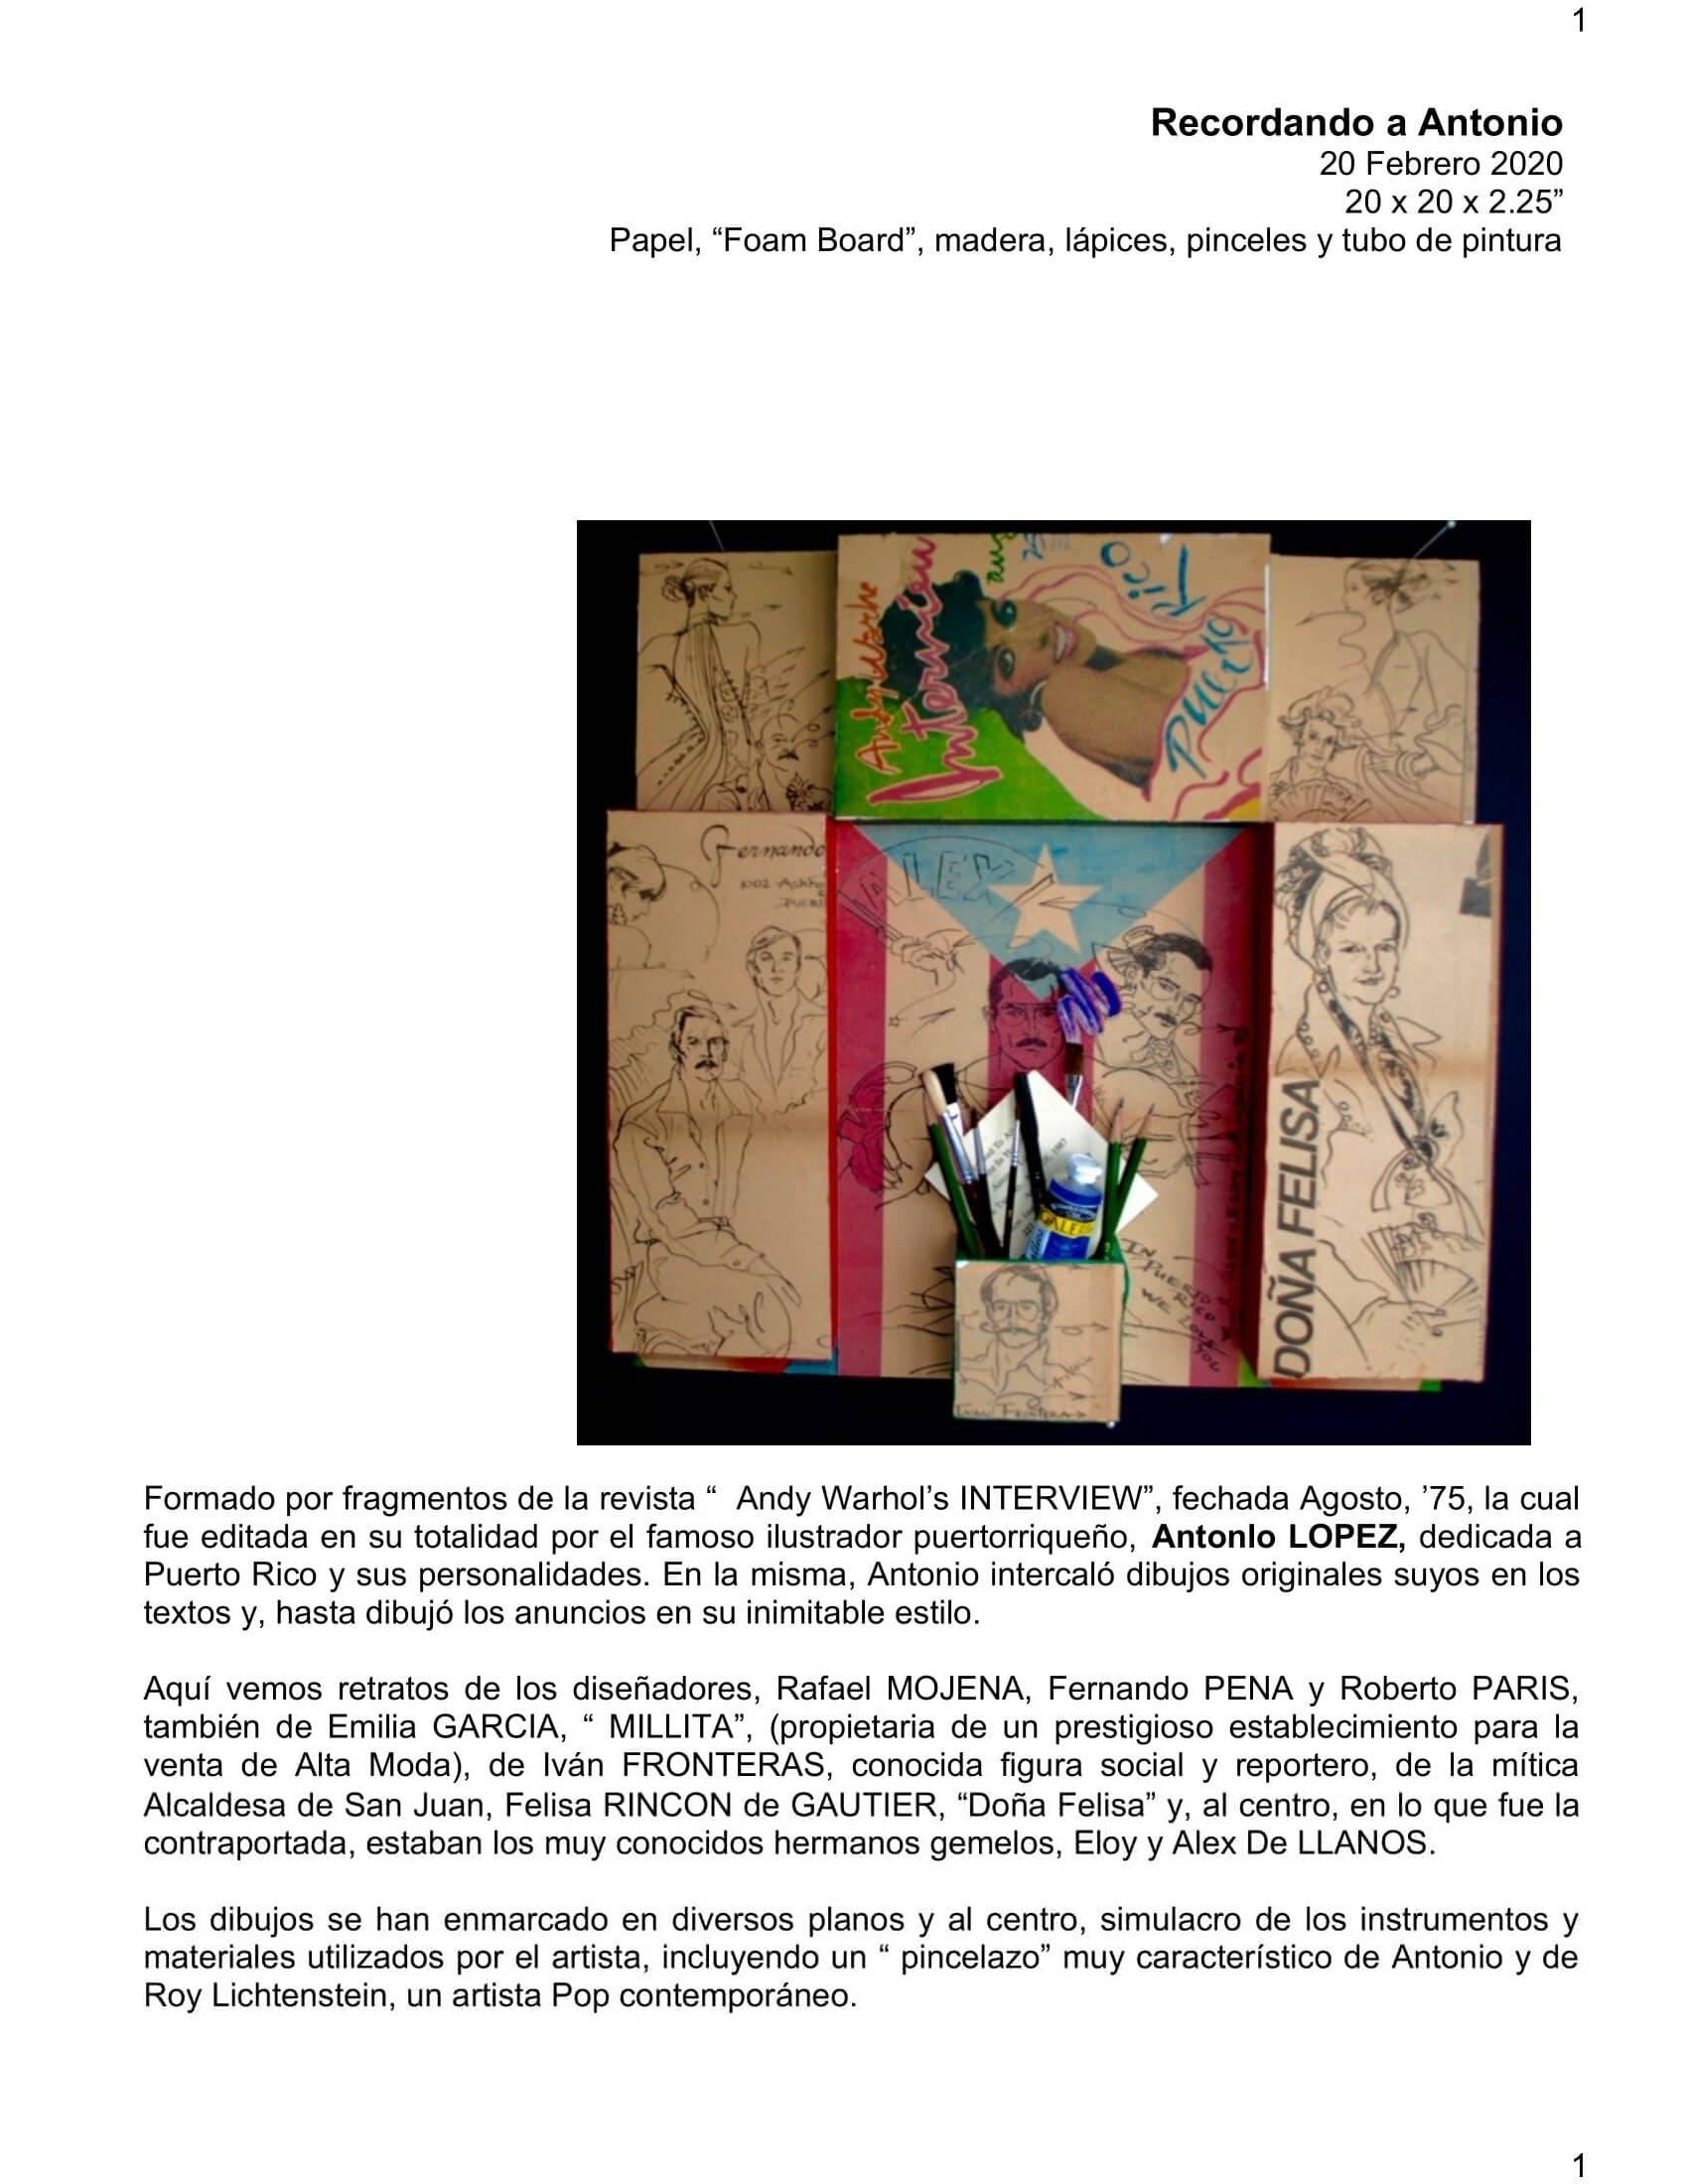 Ficha-Técnica-22-Recordando-a-Antonio22_0001